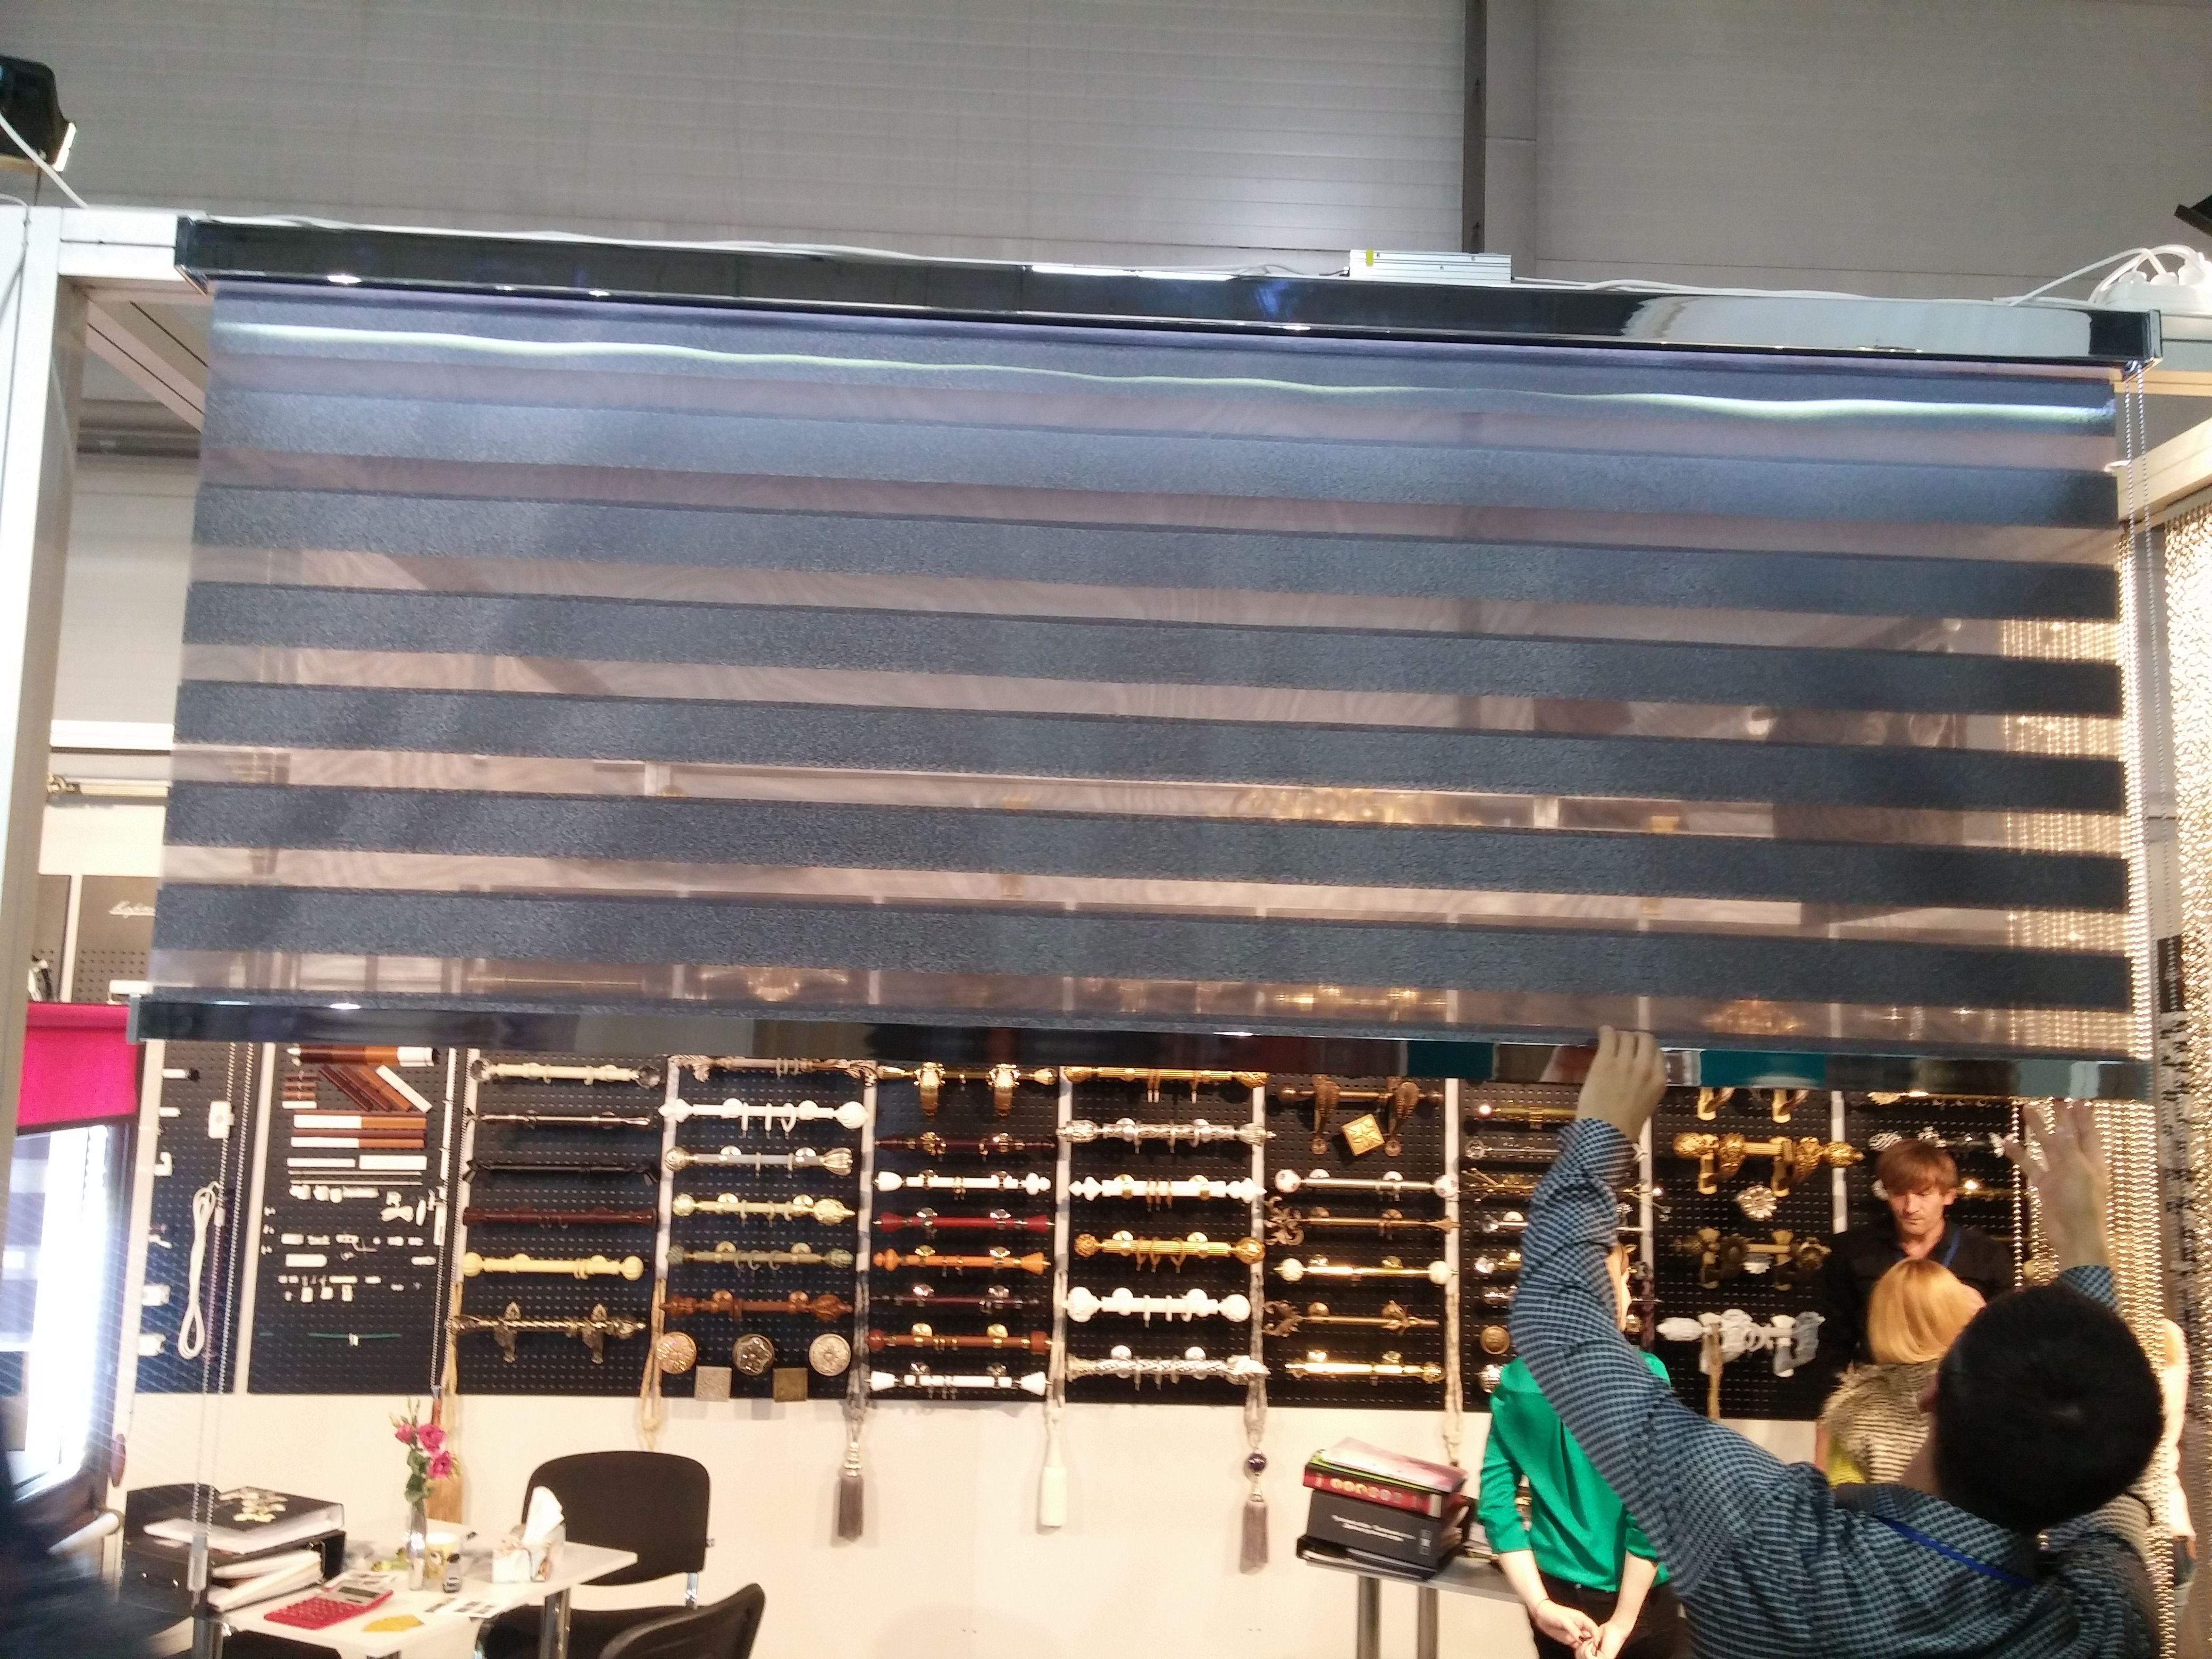 Система для штор День-Ночь компании Coulise на стенде ...